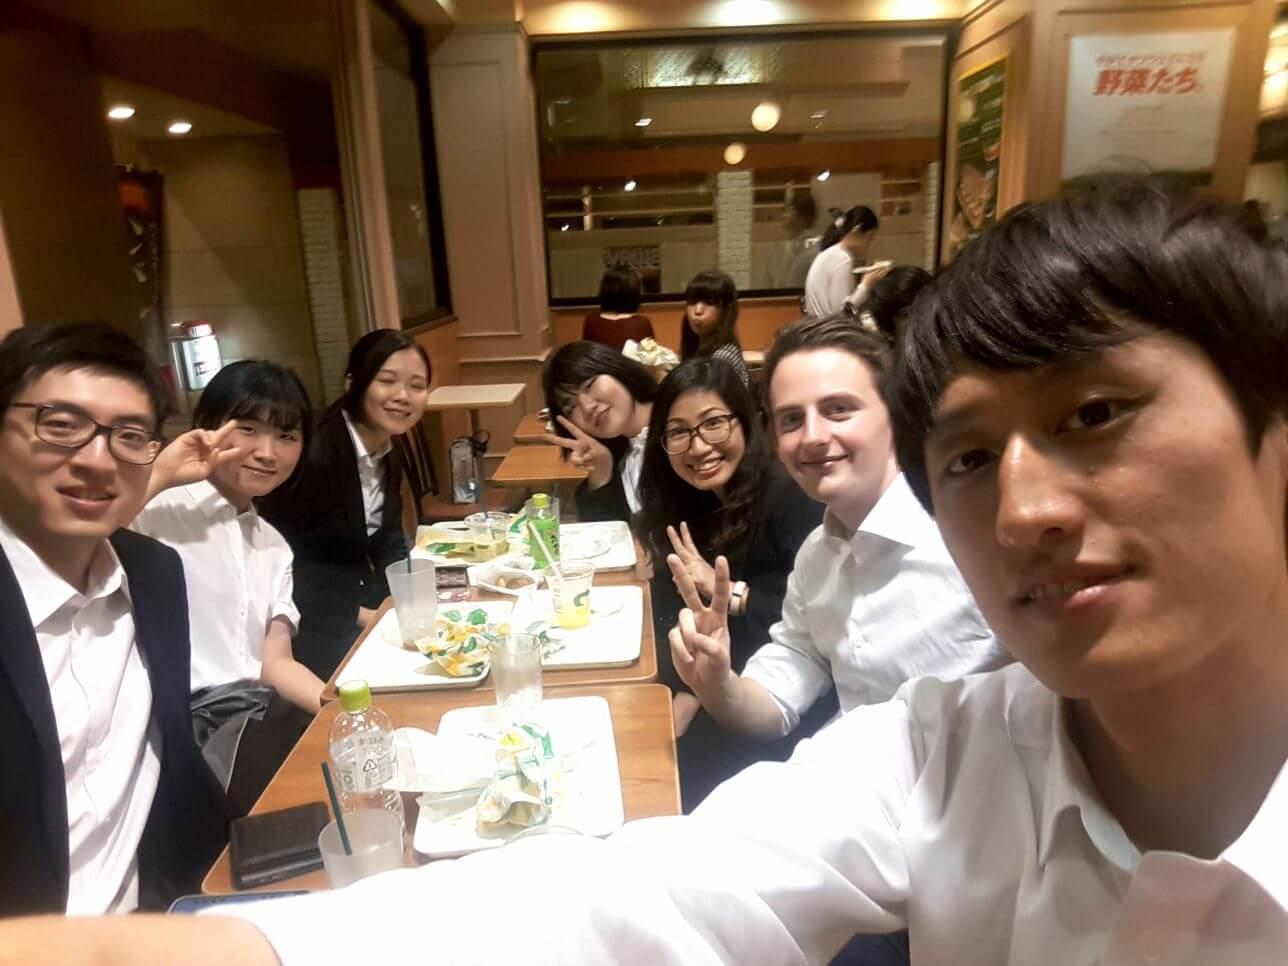 【Tokyo Galaxy】Có thể du học khi đã kết hôn và lập gia đình không?Trên 30 tuổi vẫn có thể đi du học ? ~Trường hợp chị Nga 36 tuổi có gia đình và 2 con~